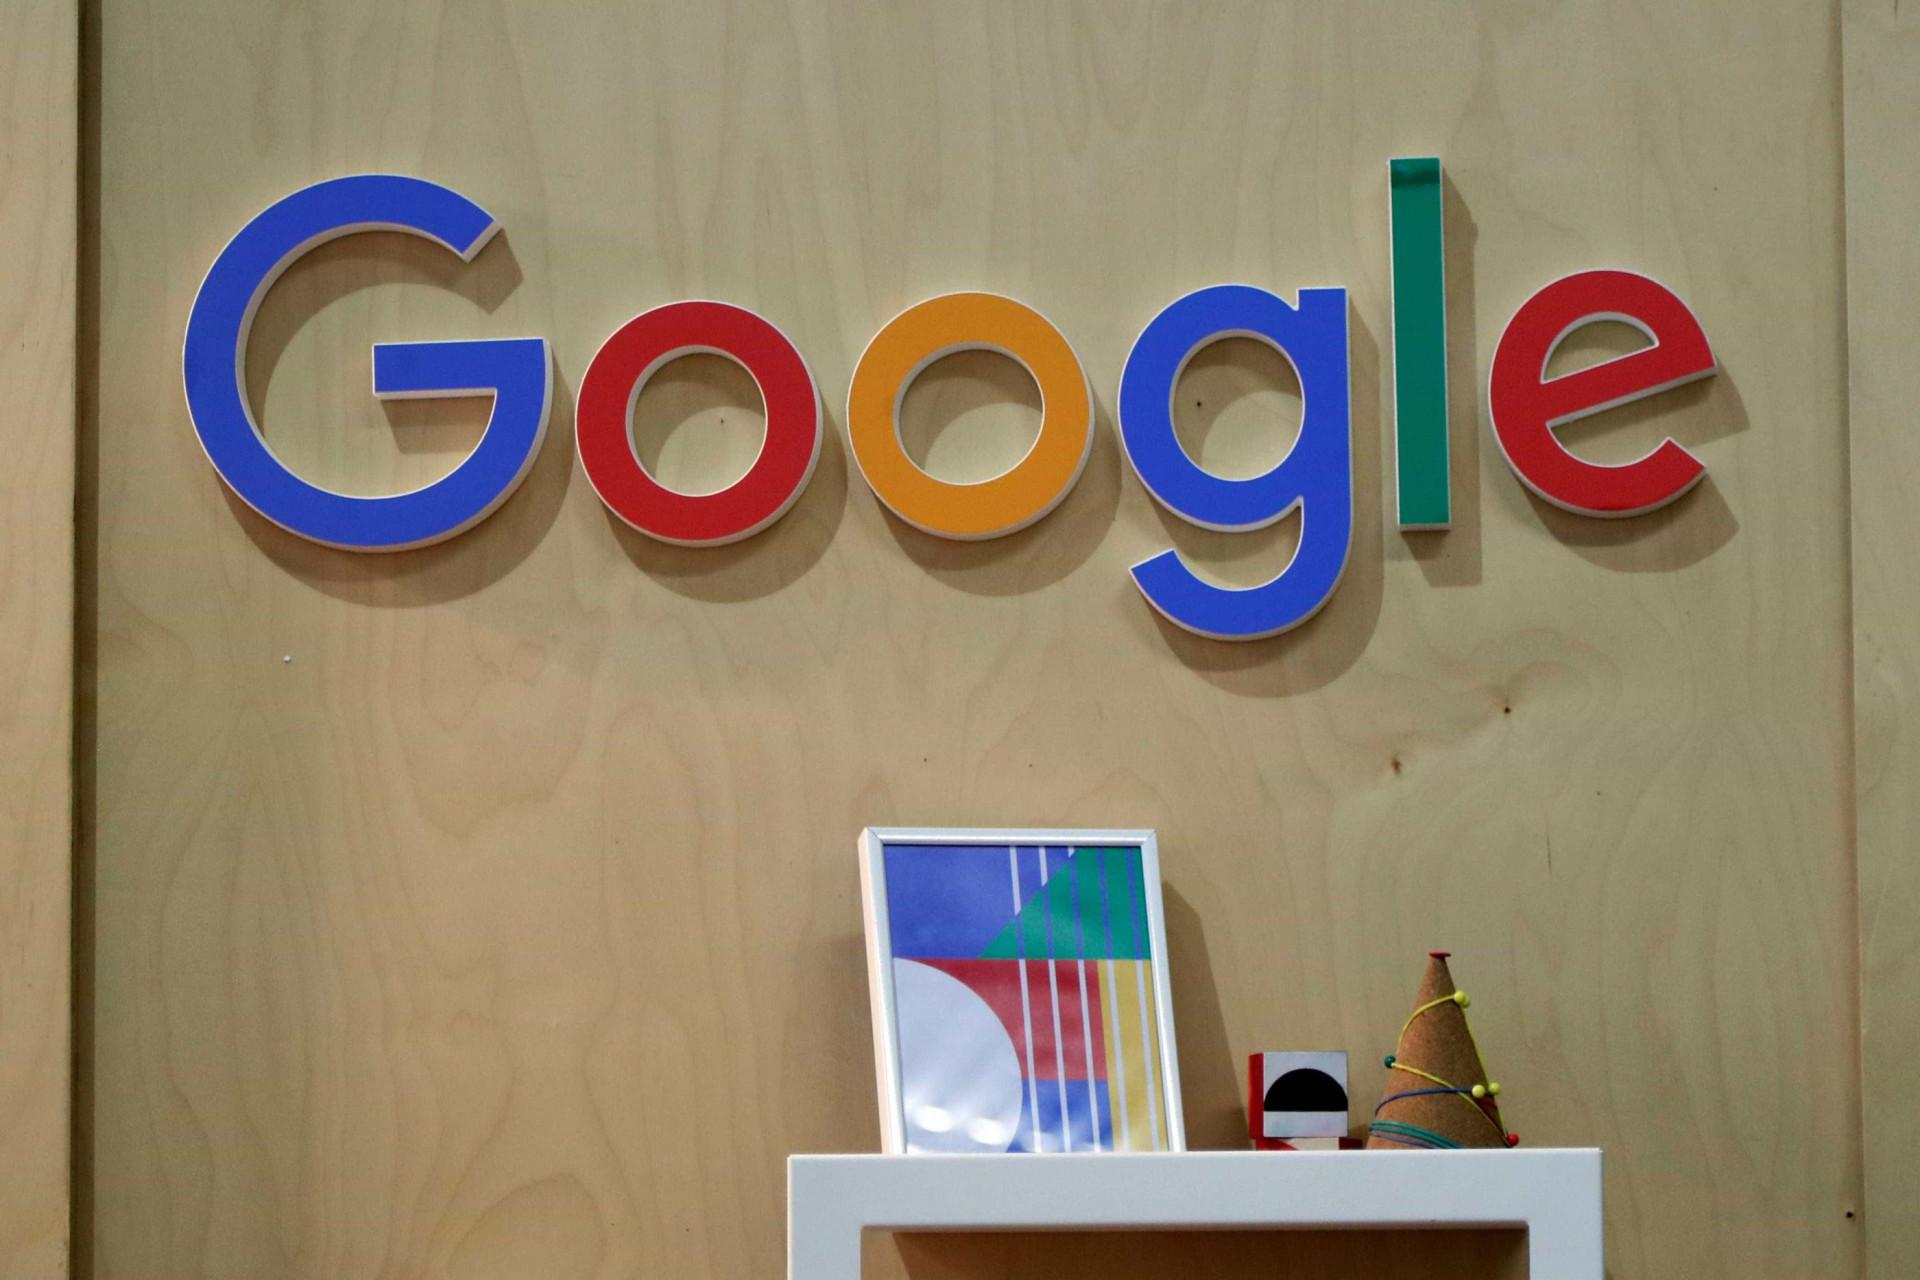 Tecnológicas dominam o ranking das 10 marcas mais valiosas da Forbes